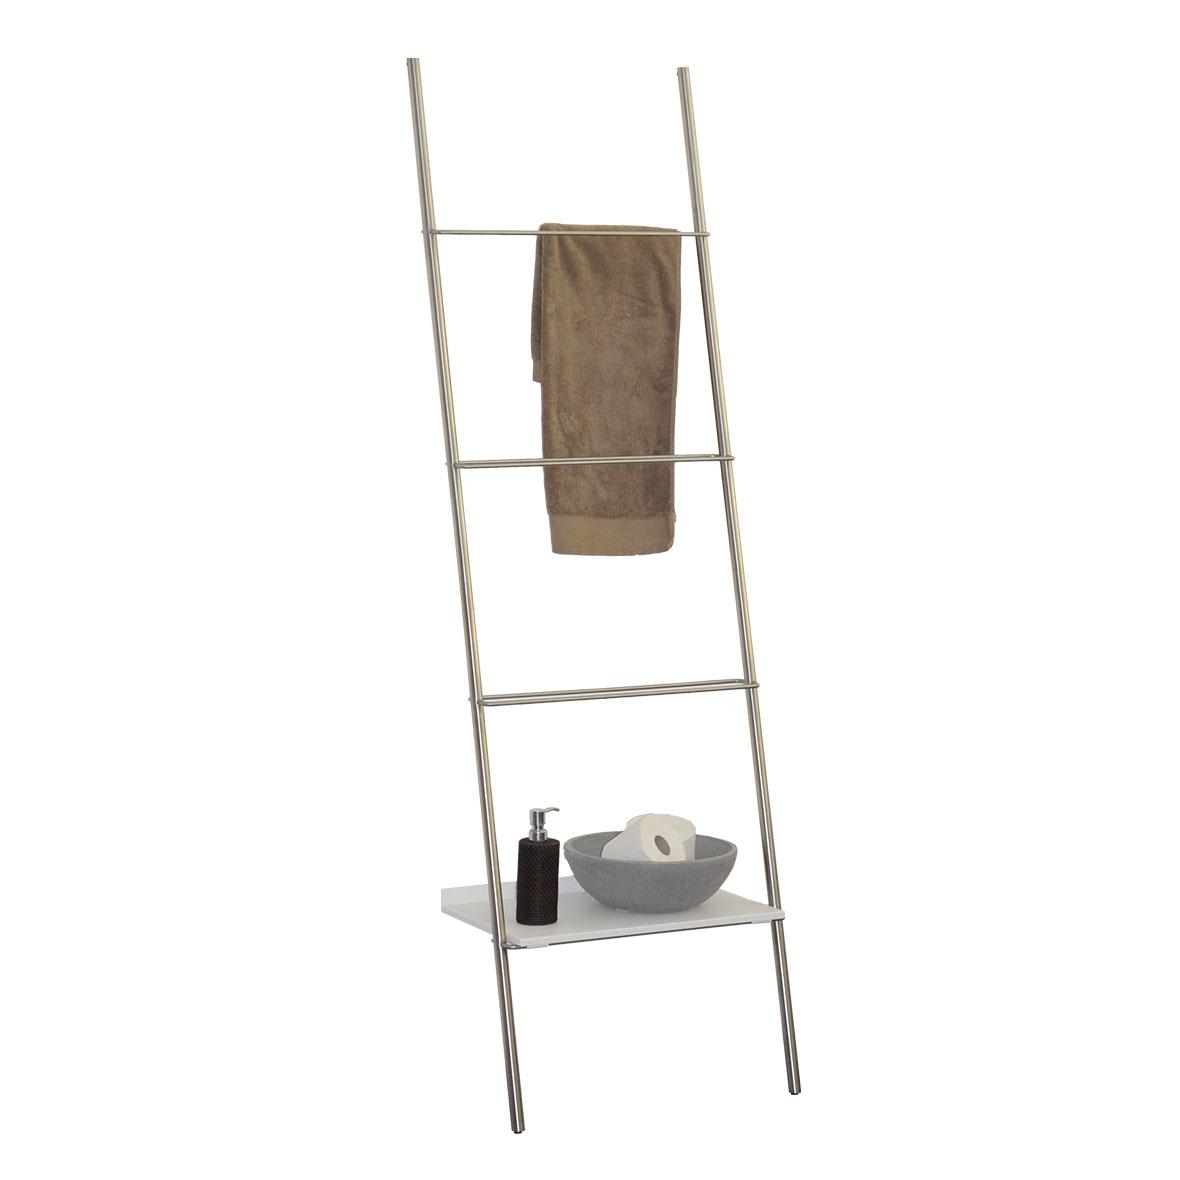 Anlehnregal Step Set 1 – Badezimmer